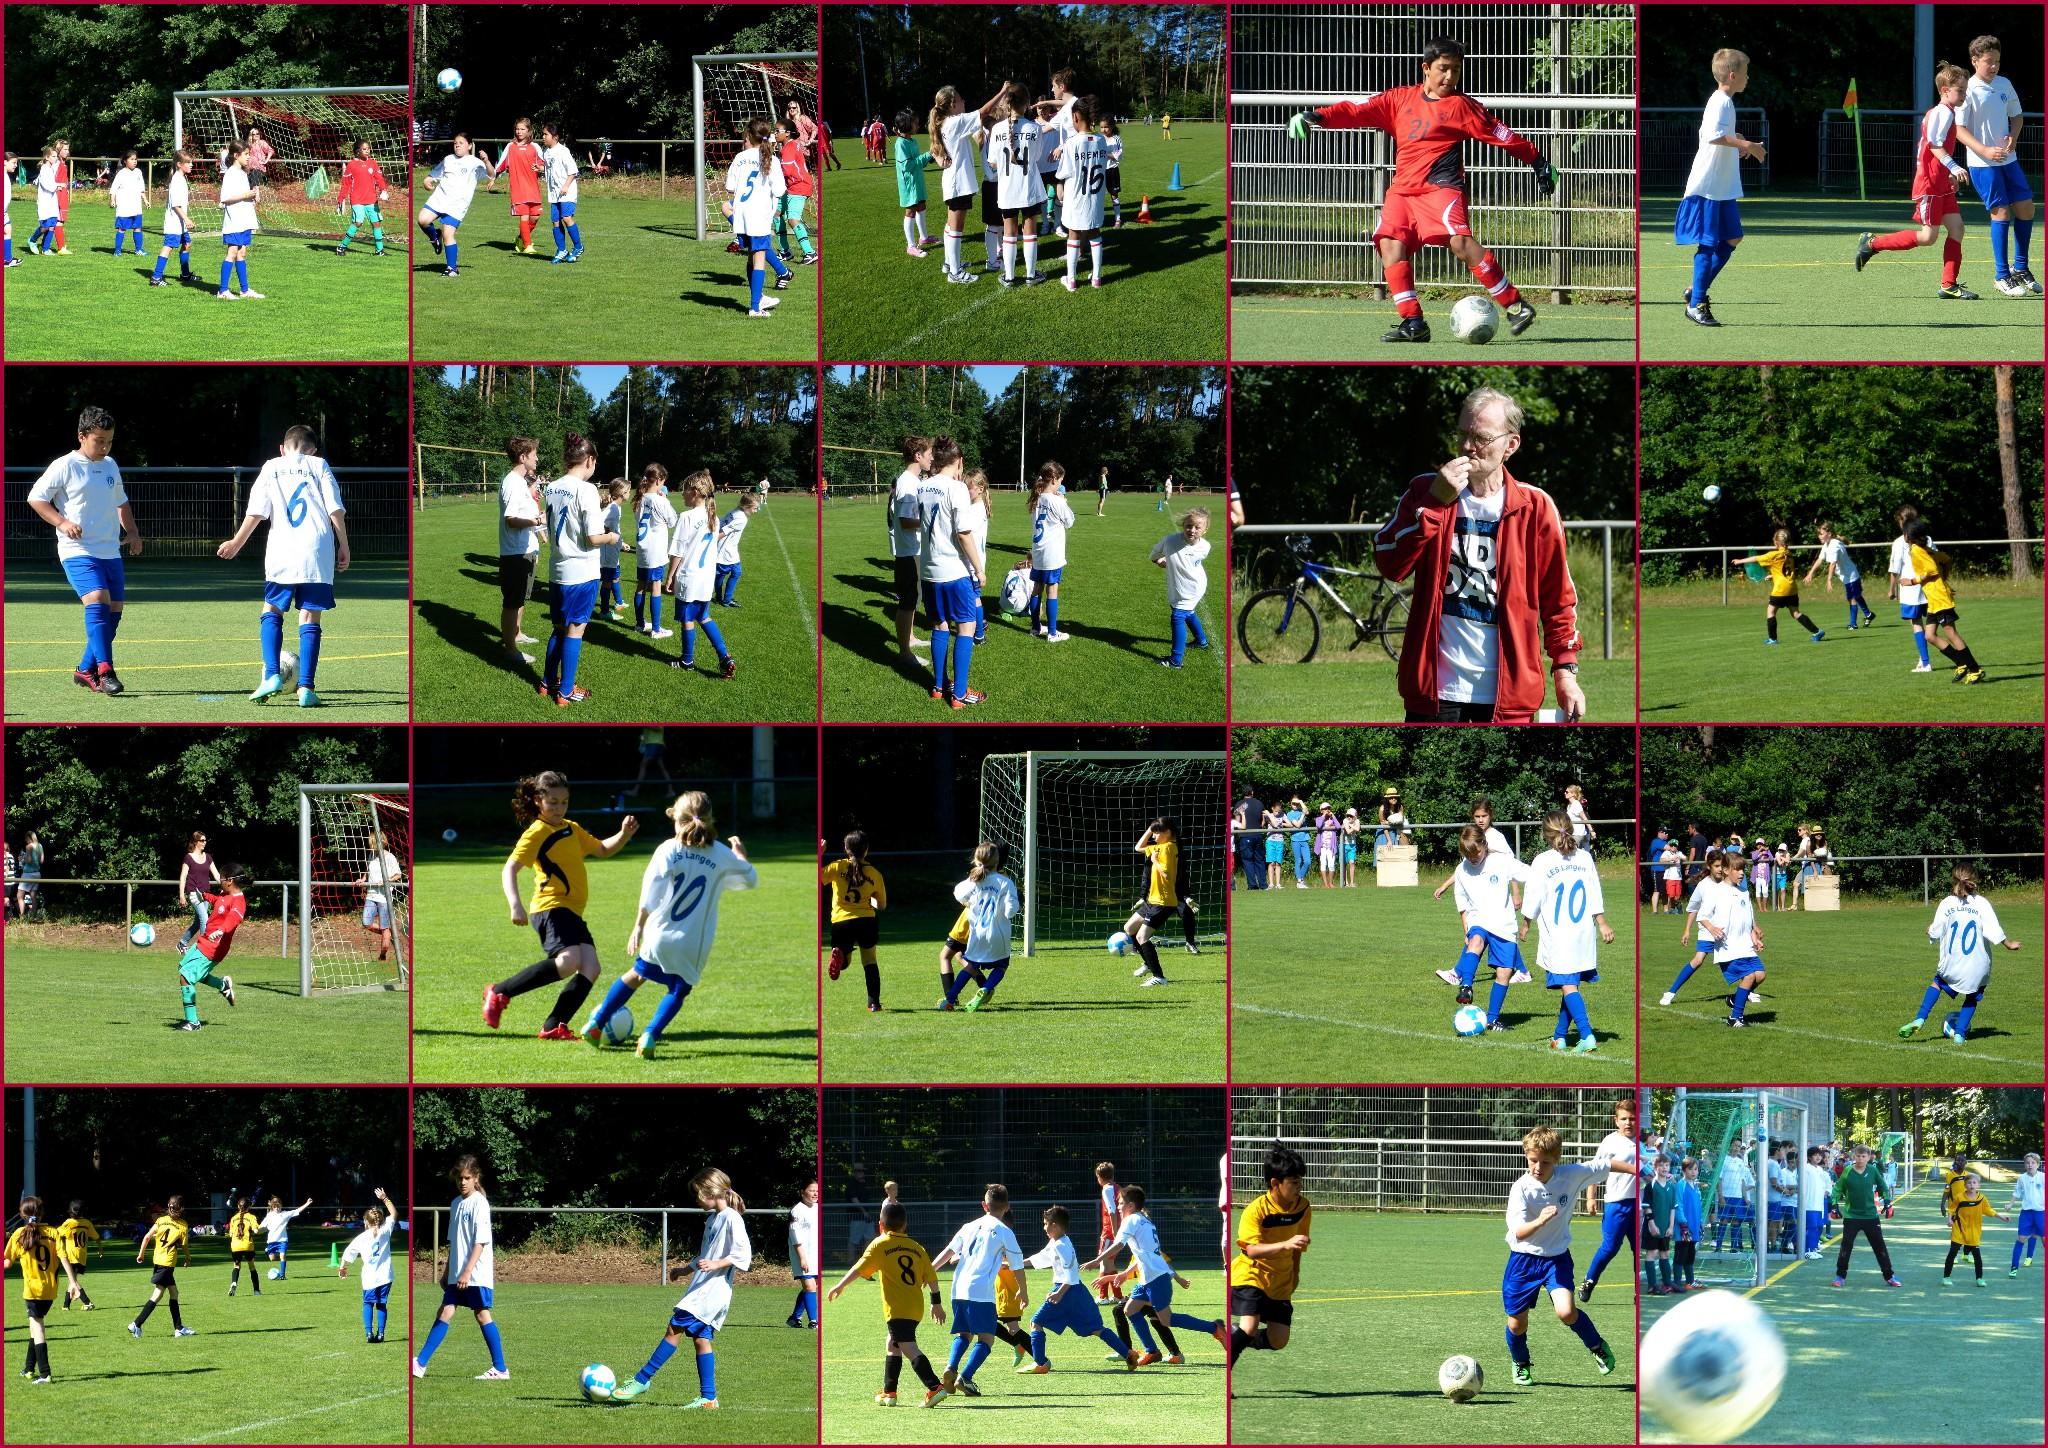 2014-06-13_Fussball1.jpg